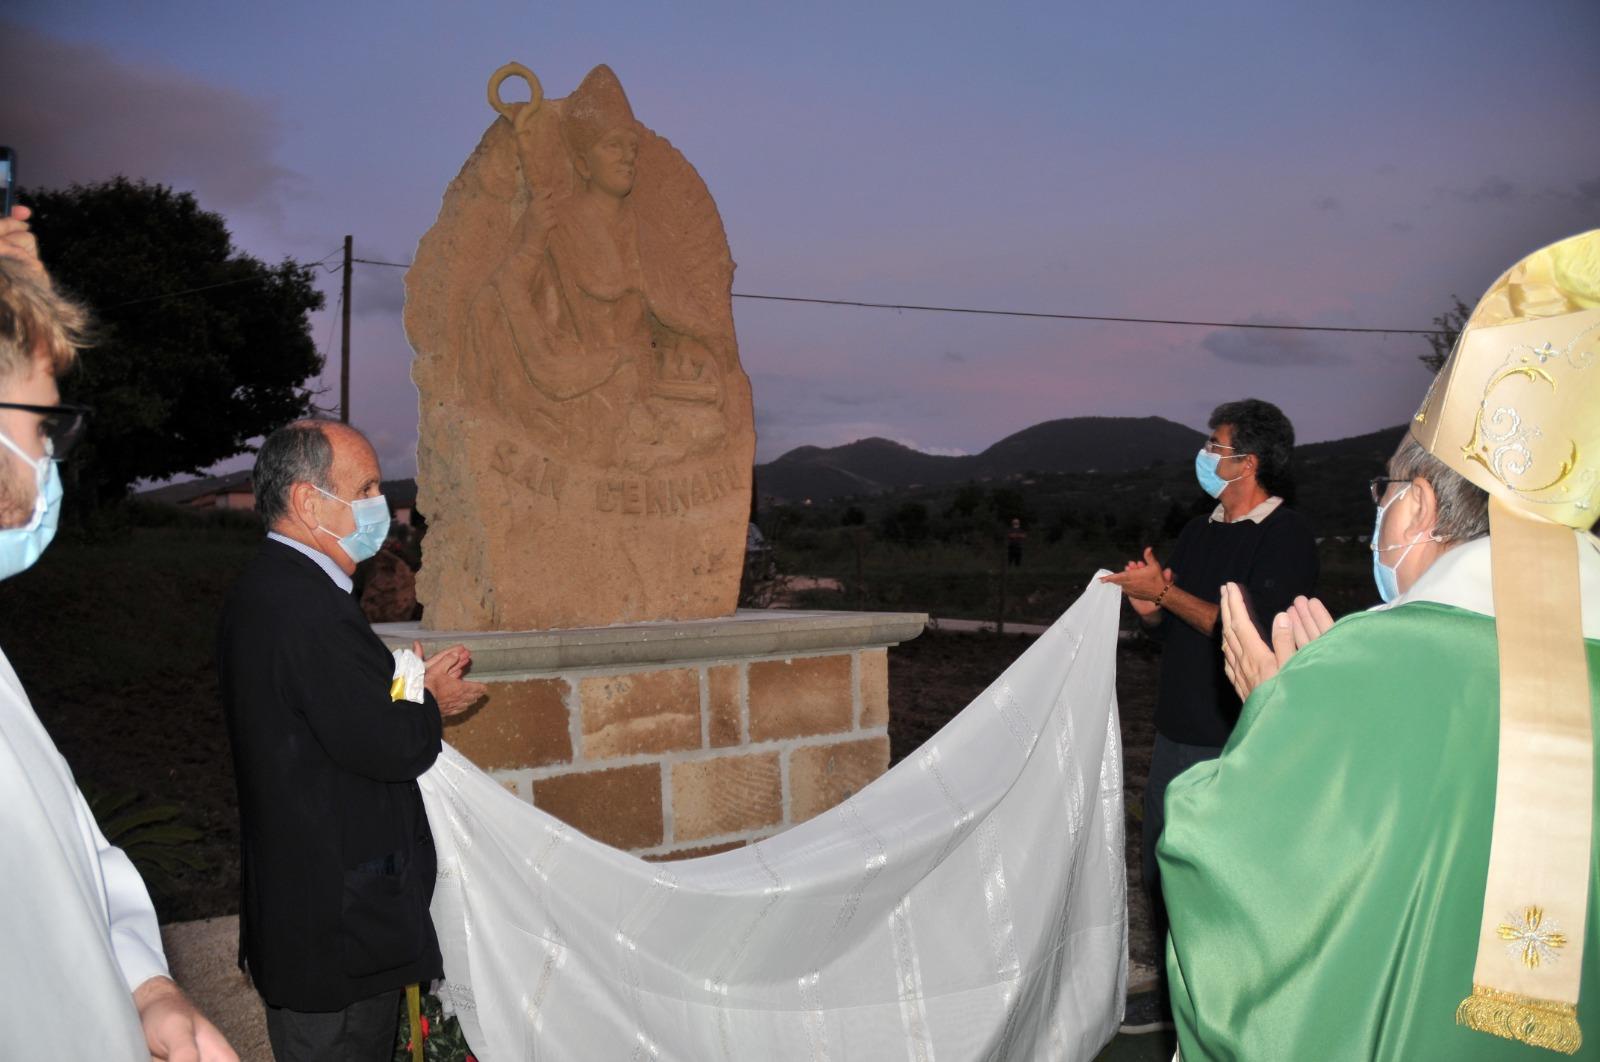 Presta, inaugurato busto San Gennaro